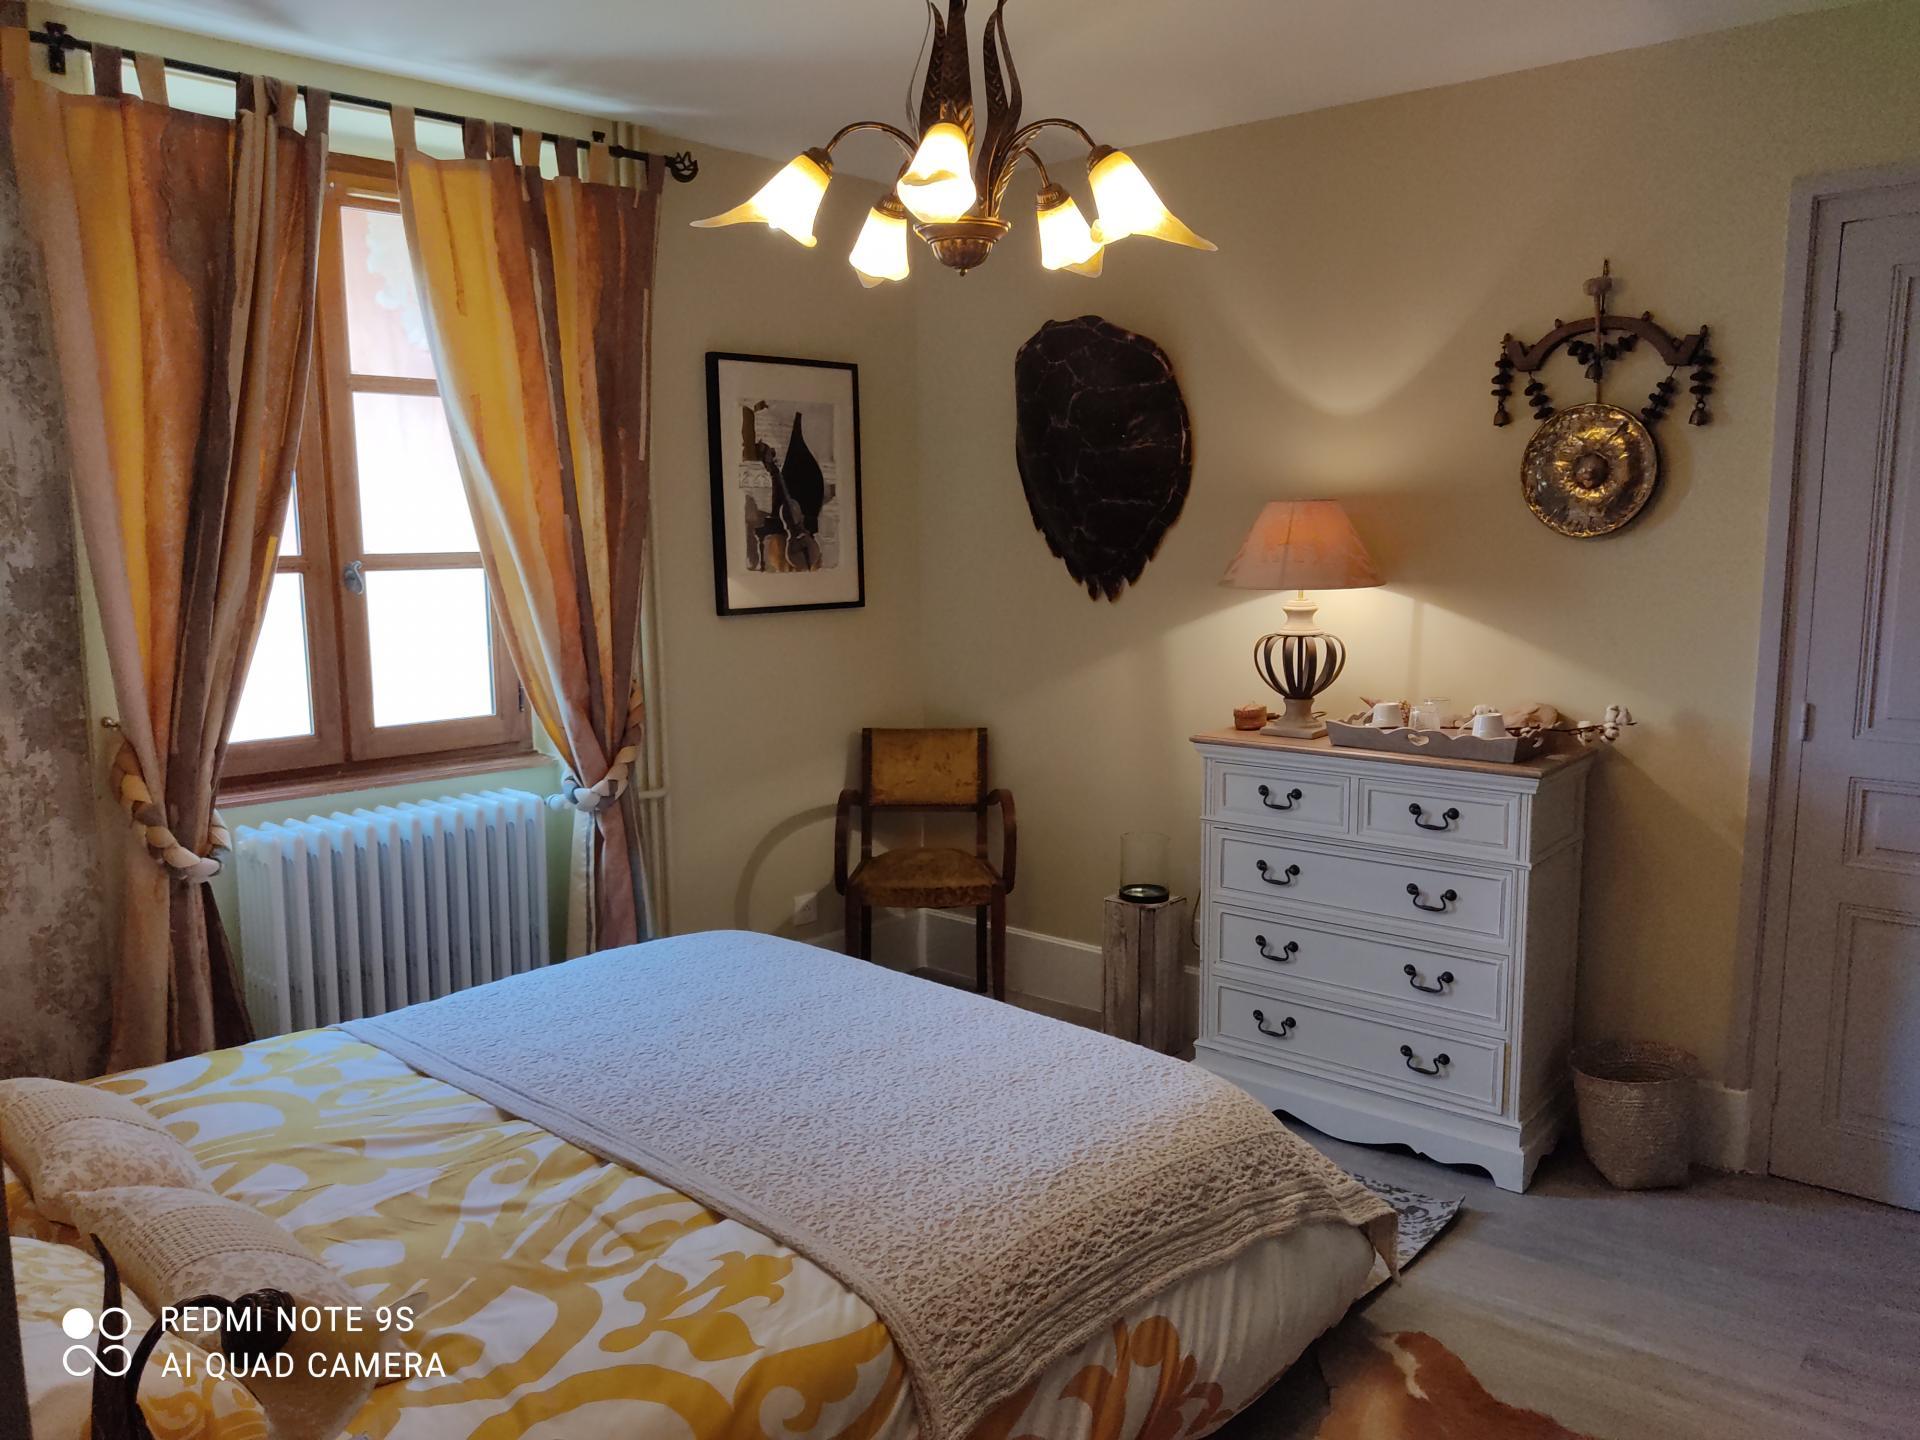 Chambre jaune vue du lit